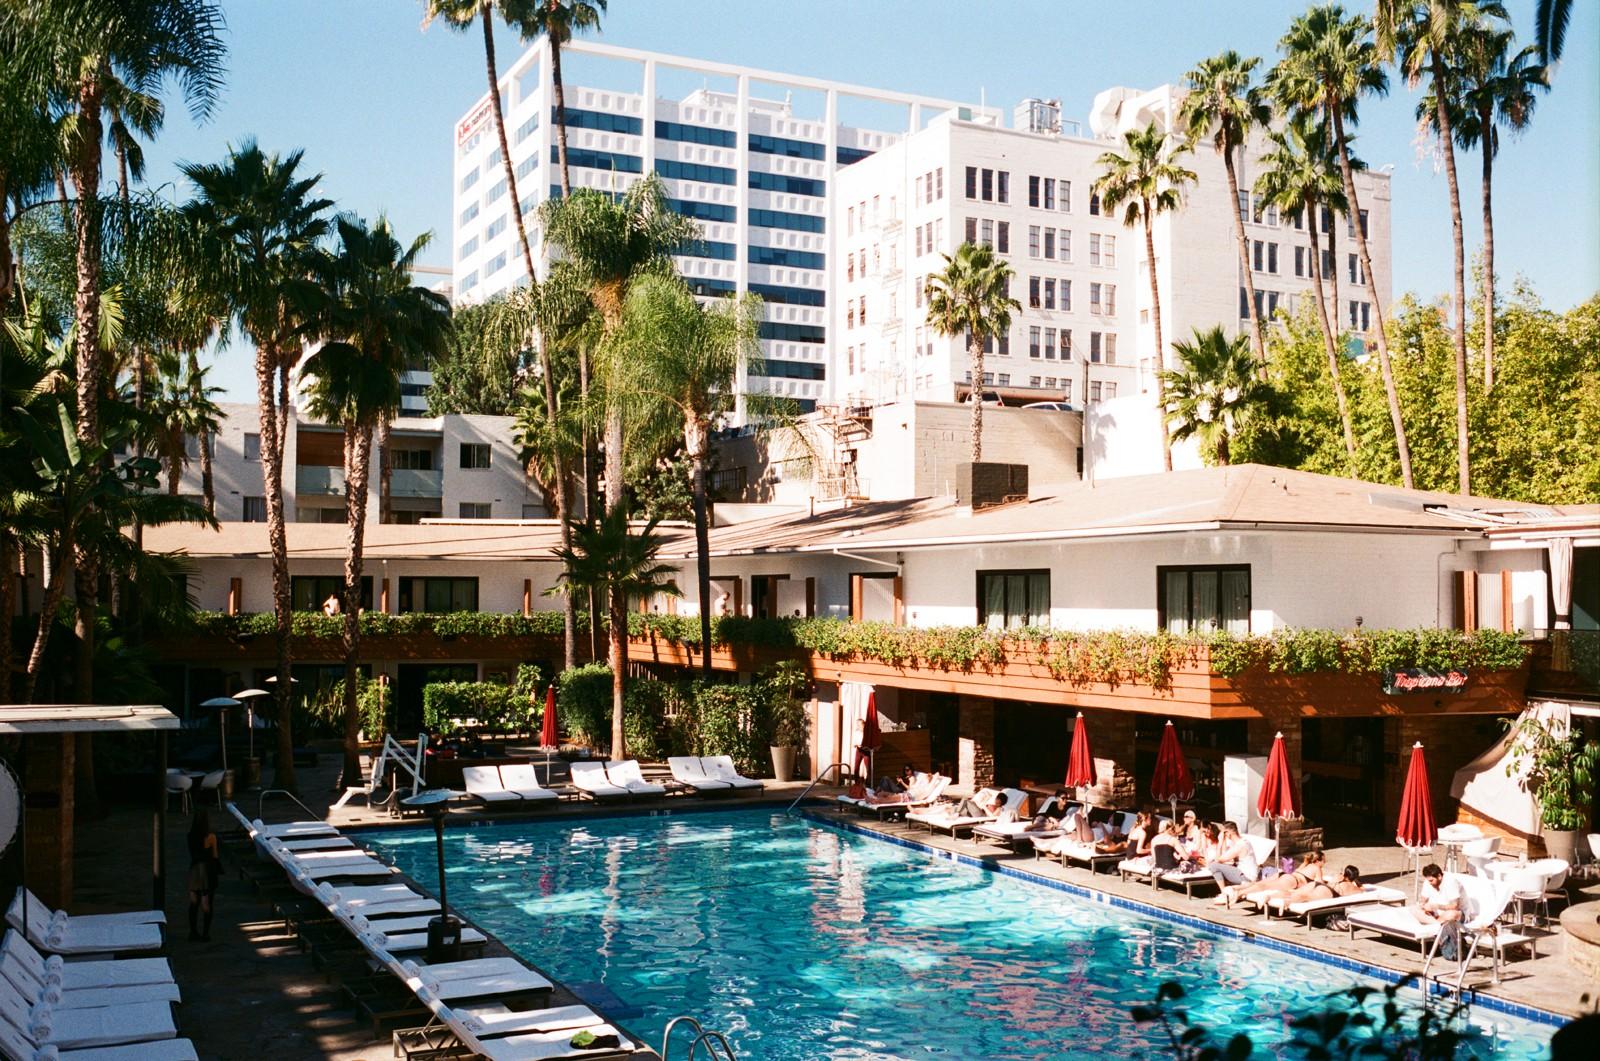 Vista da piscina do The Hollywood Roosevelt (Foto: Preferred Hotels & Resorts / Divulgação)